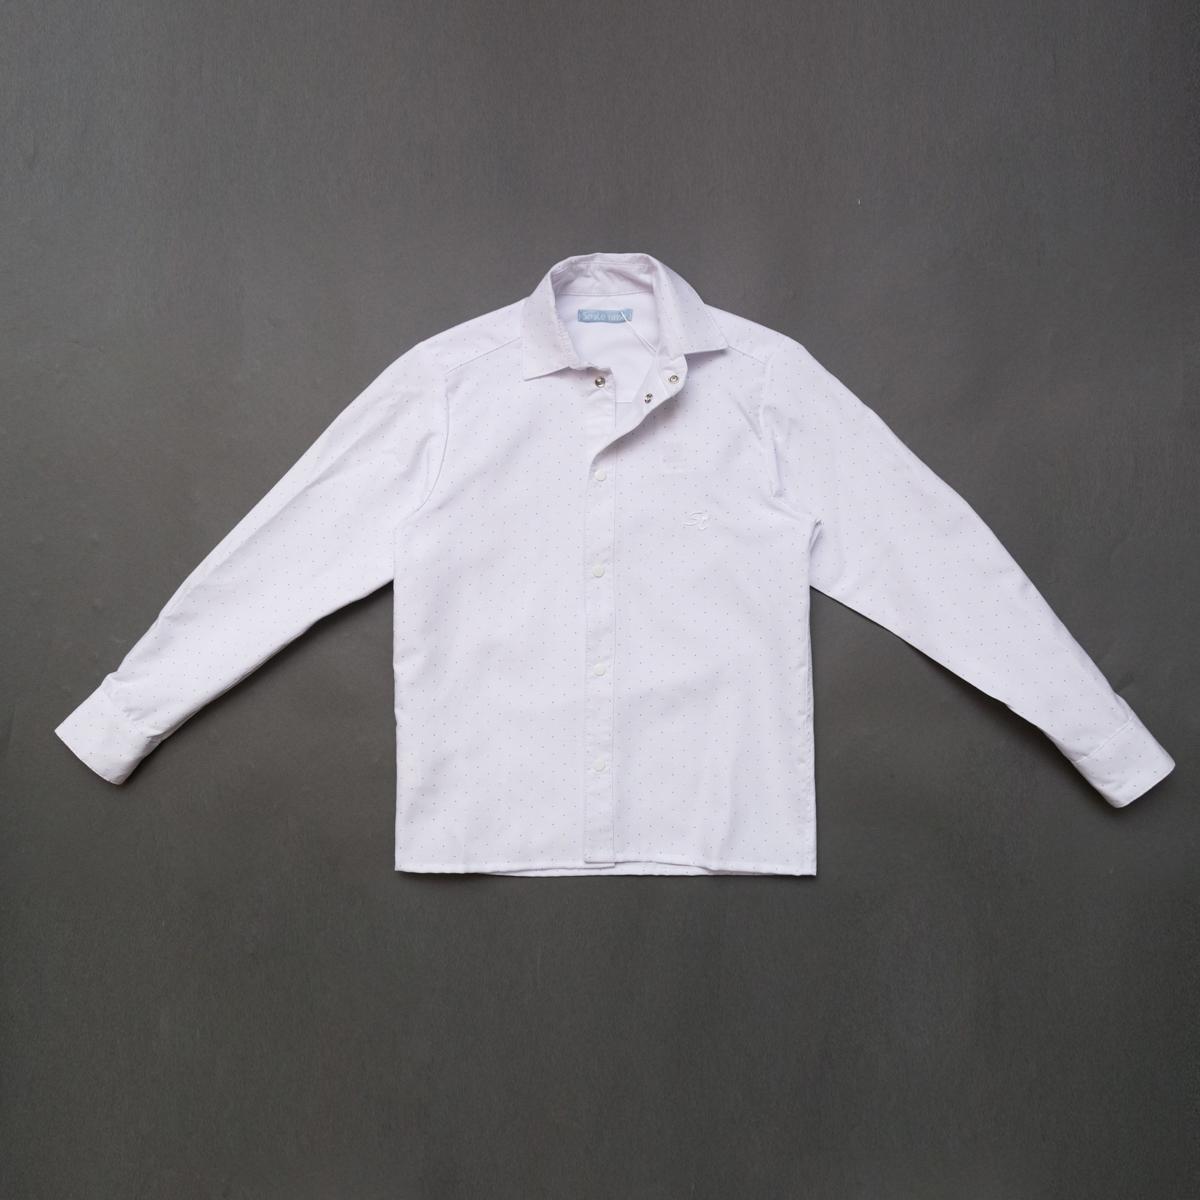 Рубашка для мальчика SmileTime с длинным рукавом на кнопках Points, белый